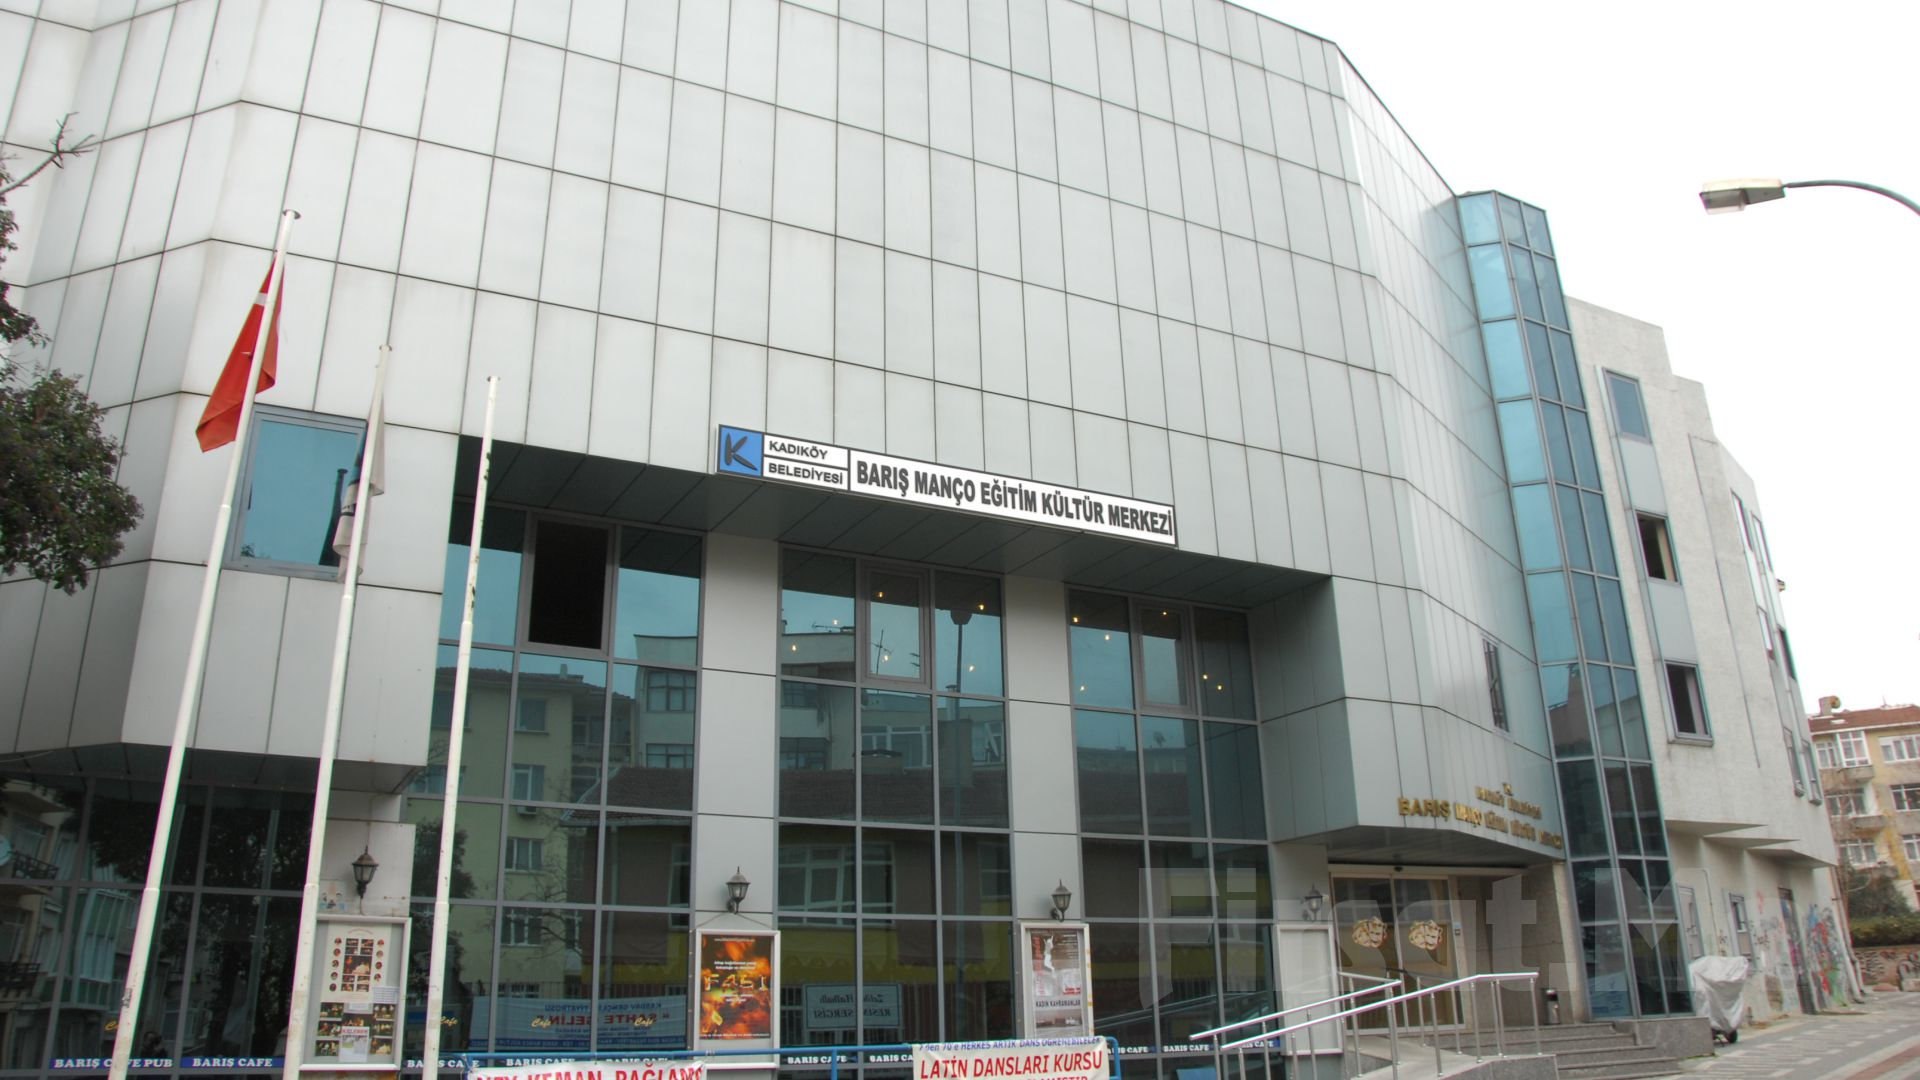 Kadıköy Barış Manço Kültür Merkezi